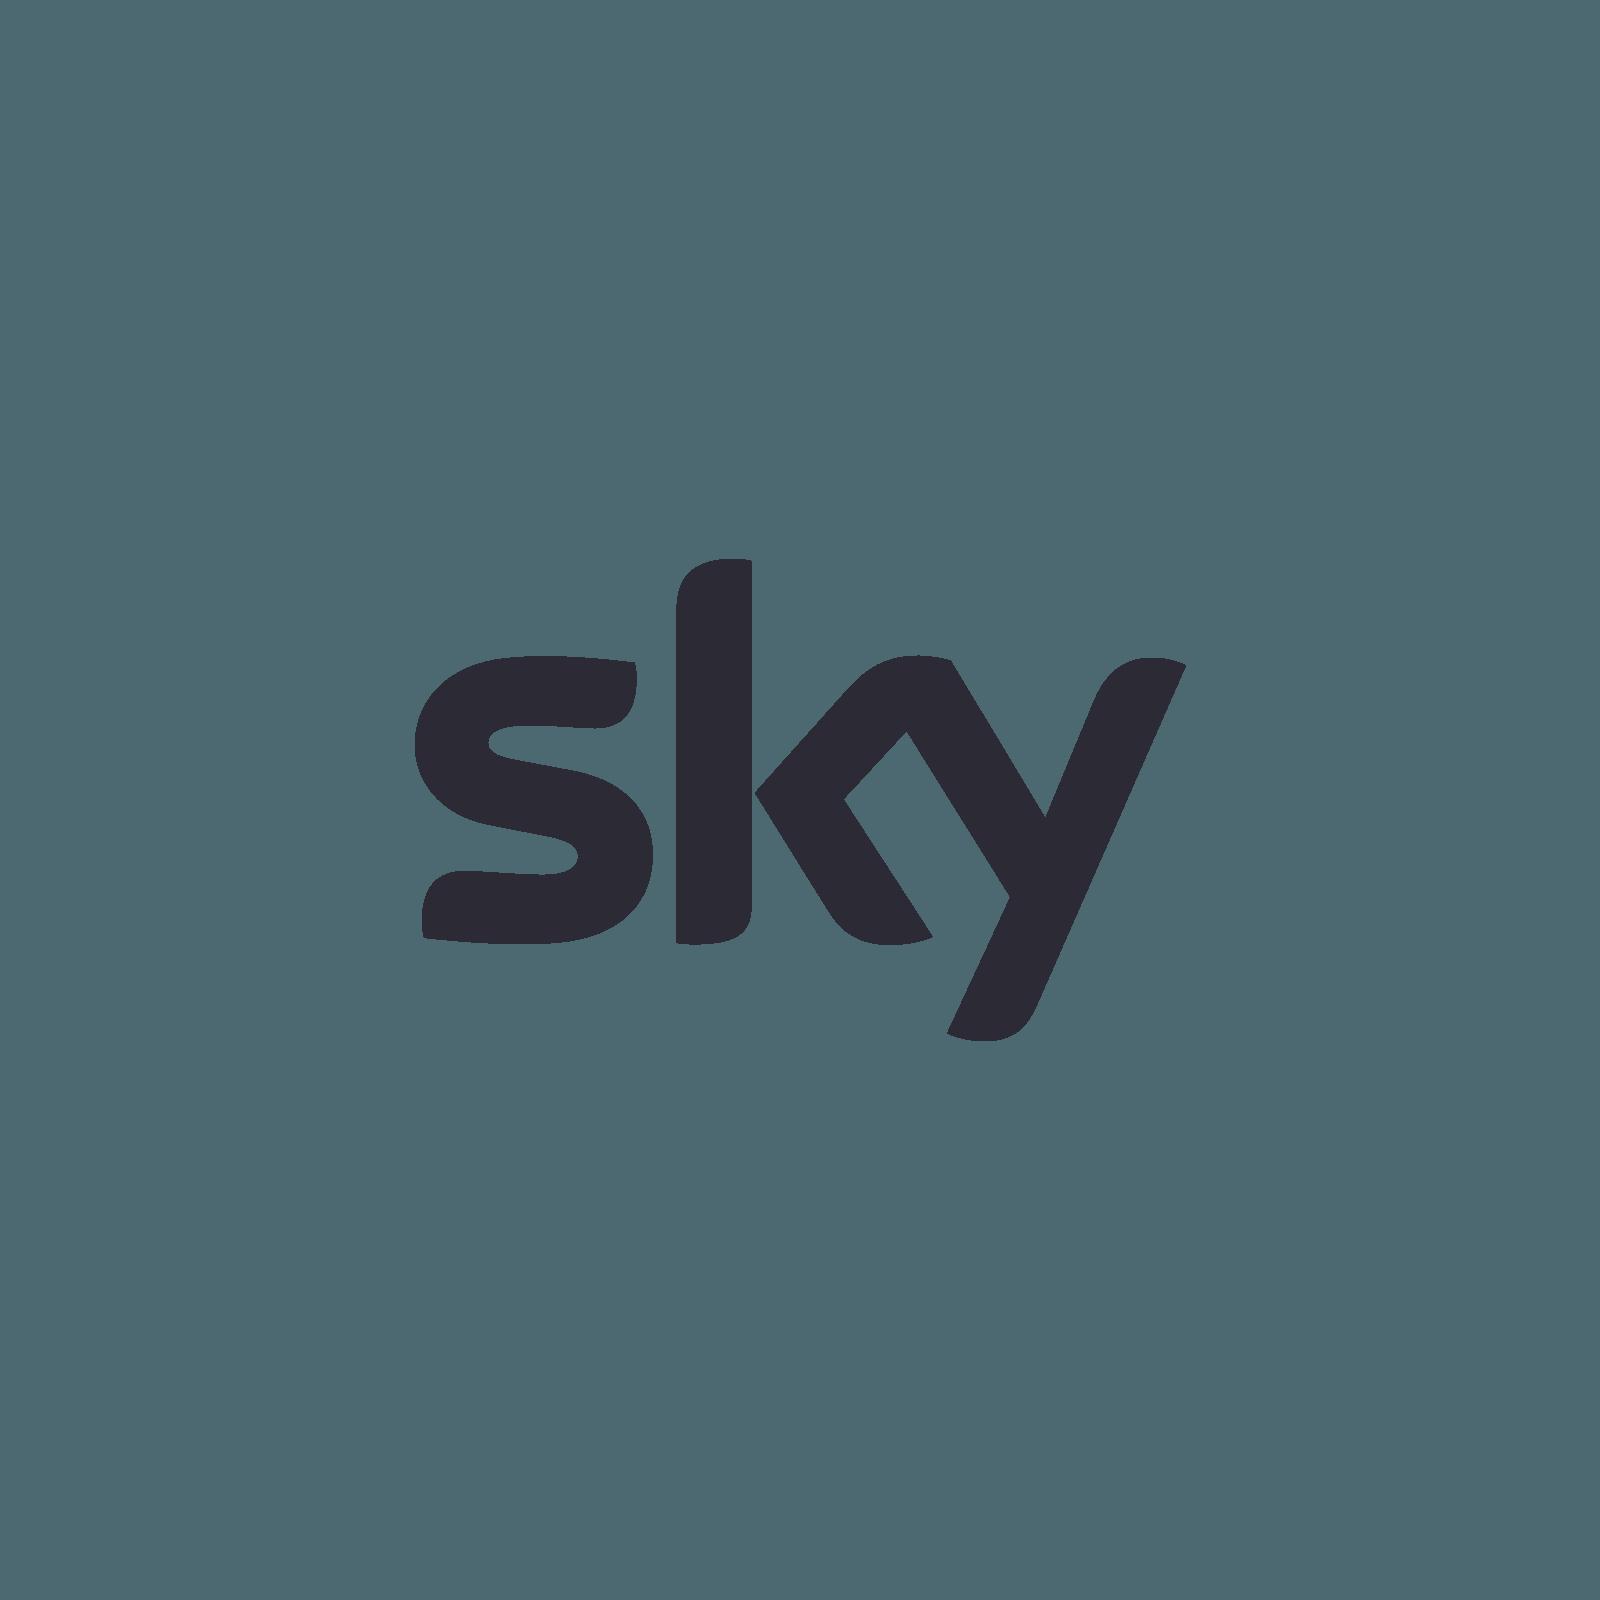 sky brand